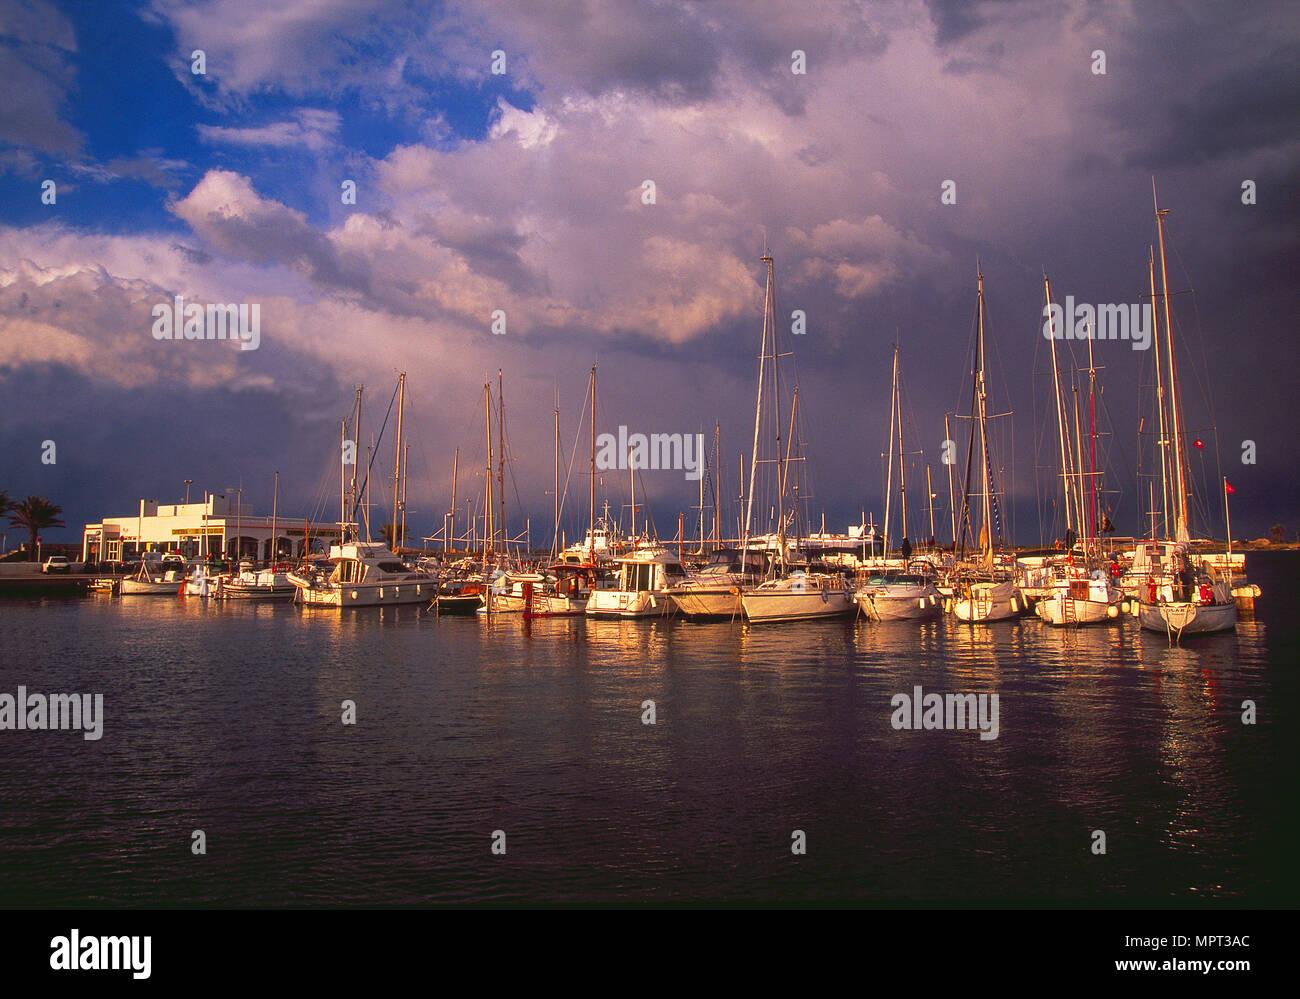 La Savina porto in un giorno di tempesta. Formentera, isole Baleari, Spagna. Immagini Stock